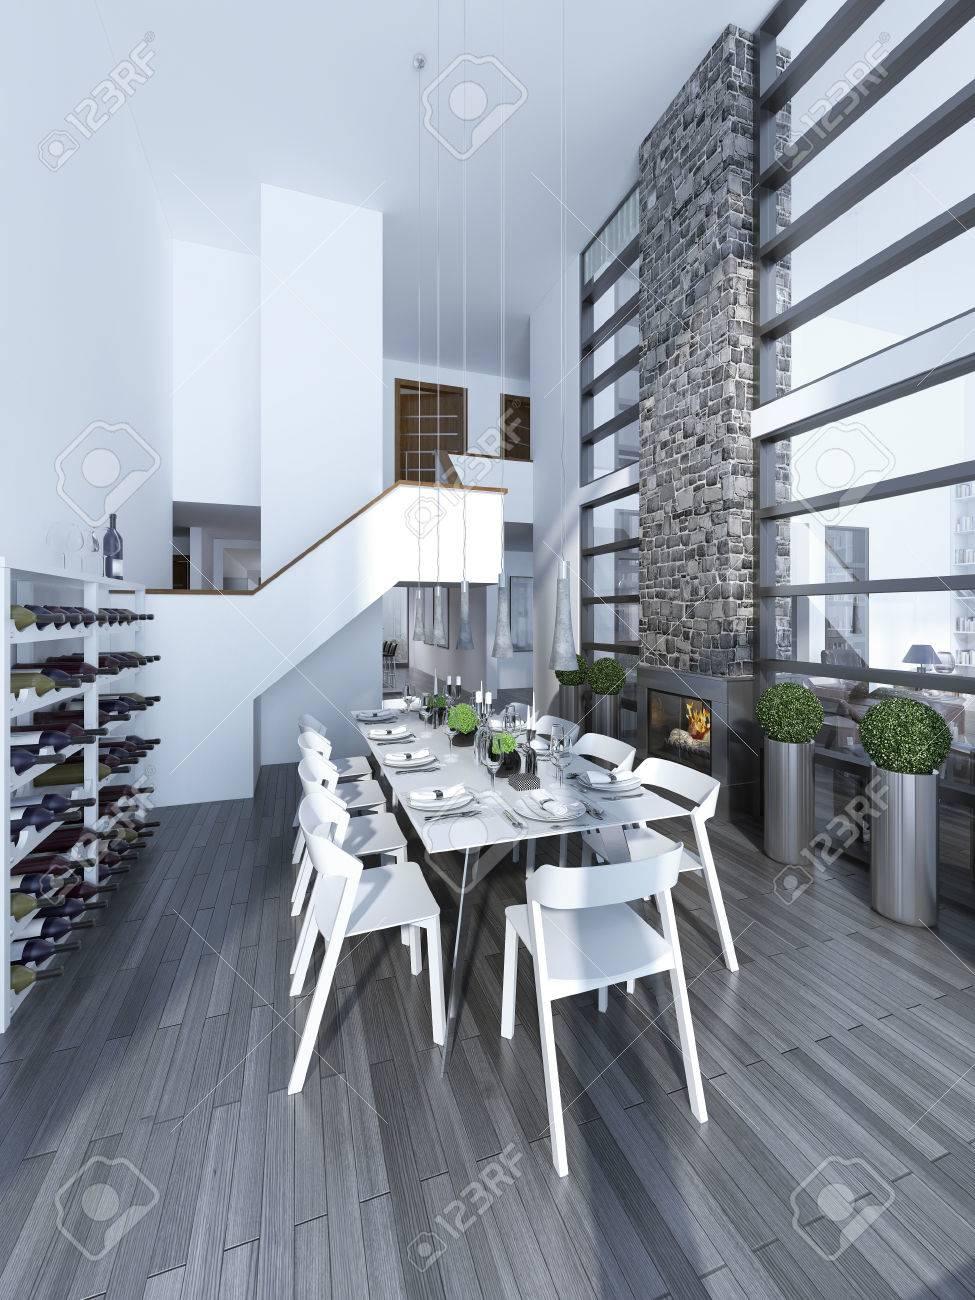 idea de amplio comedor de techo alto blanca decorada mesa con sillas blancas una